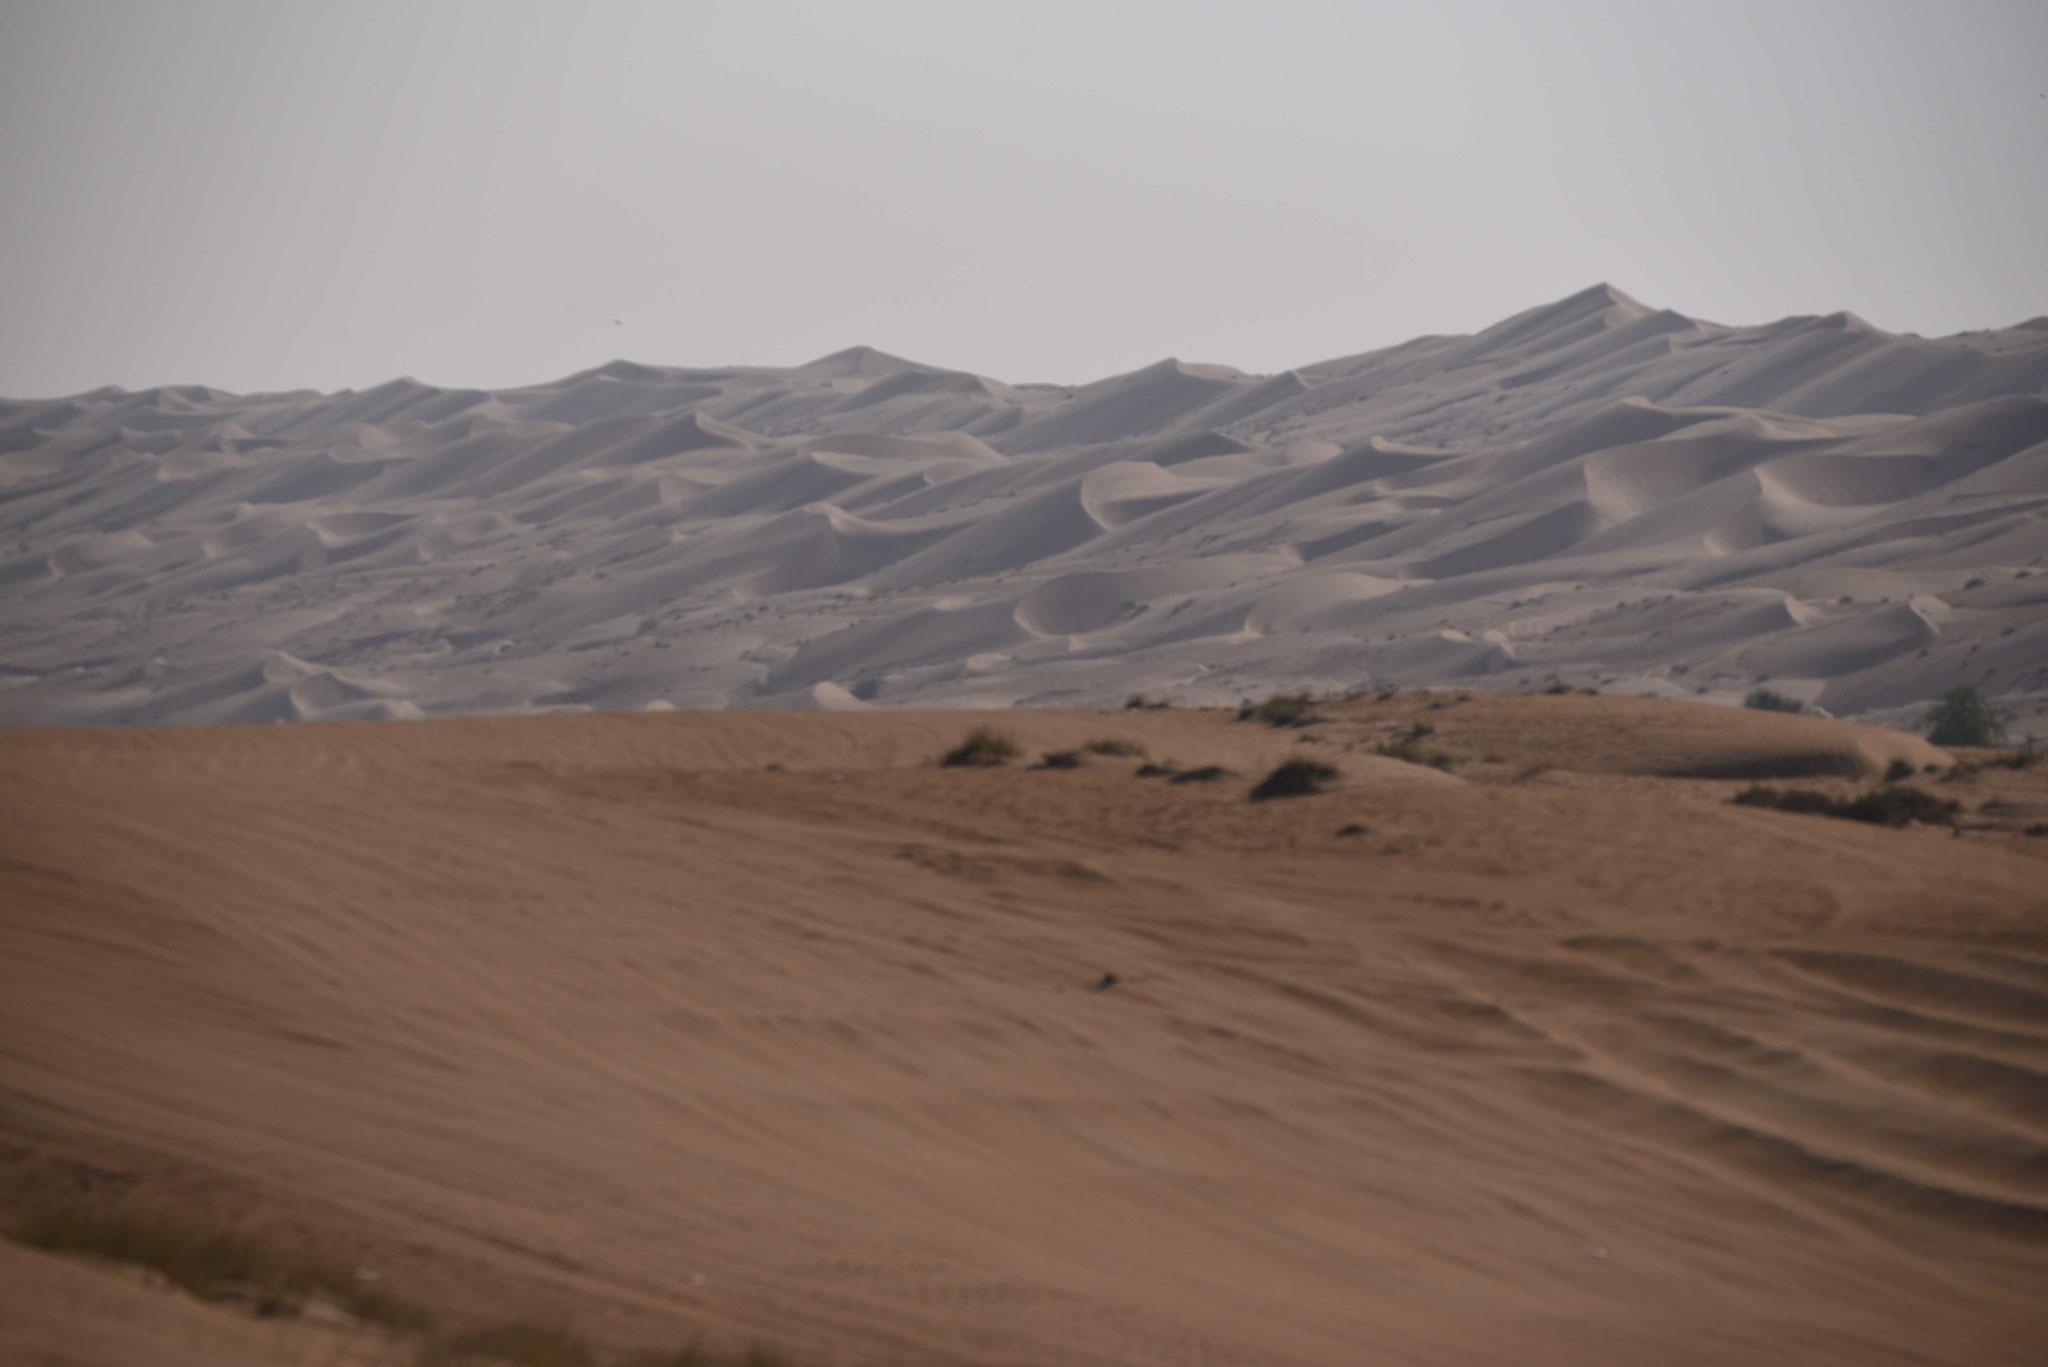 Dünen im Hintergrund, Sandpiste im Vordergrund